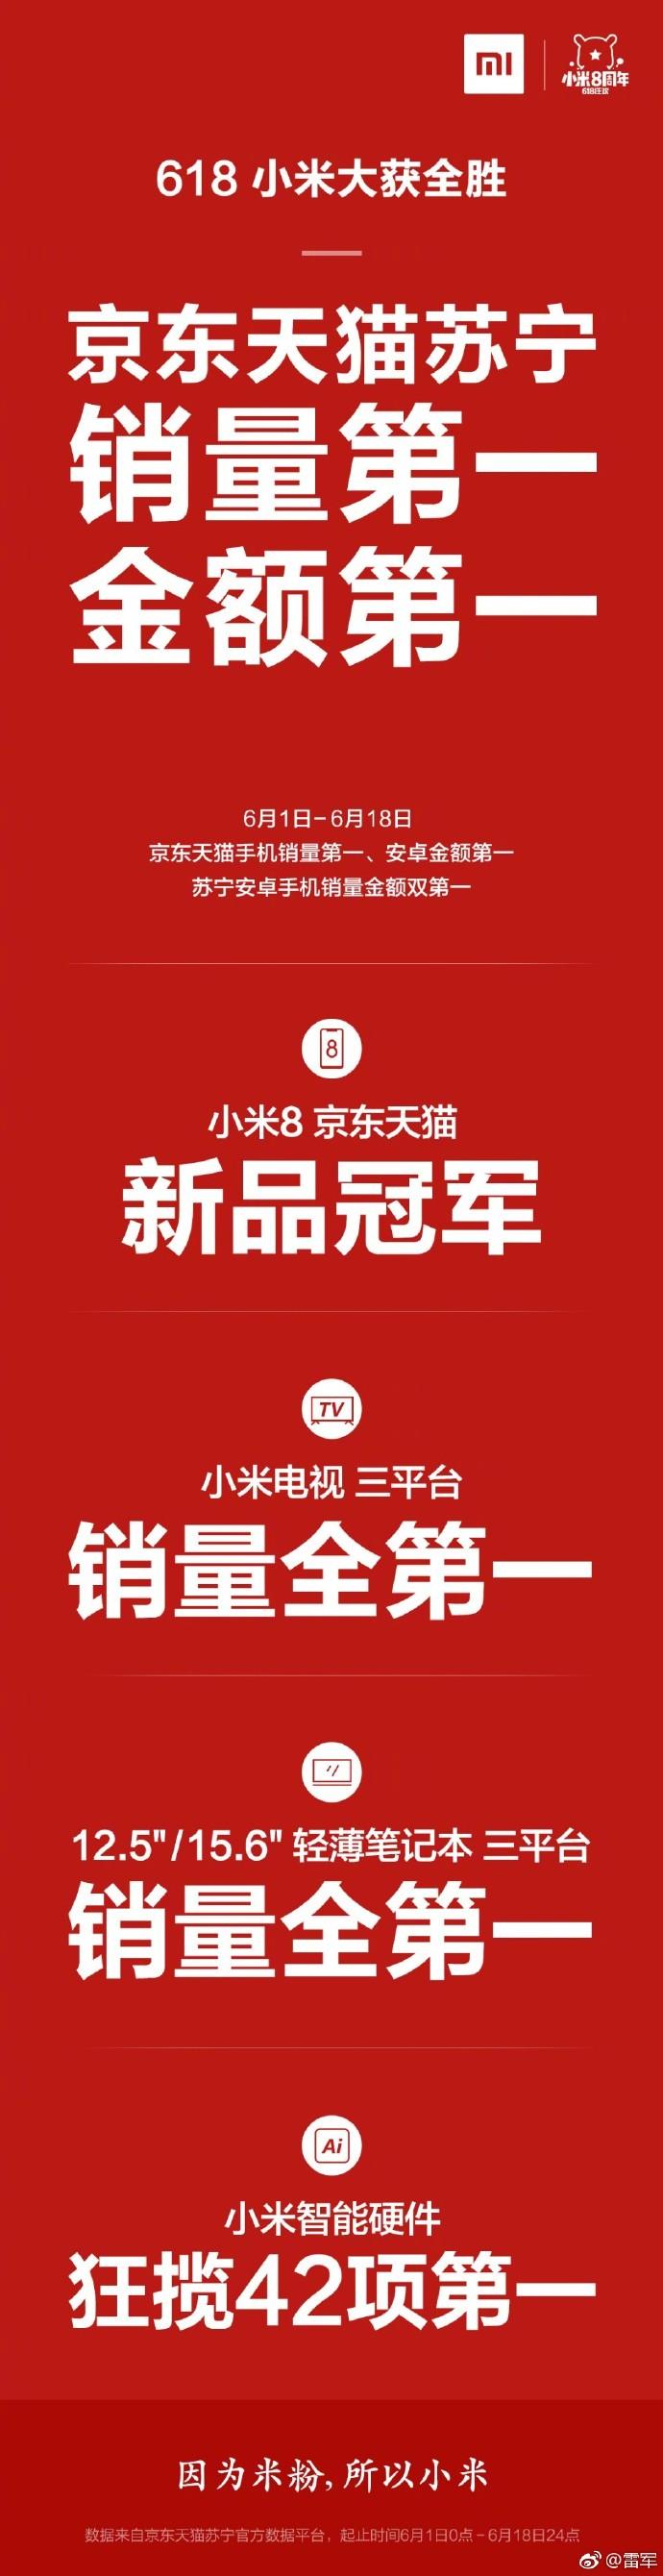 雷军:小米618在京东天猫苏宁销量第一、销售额第一